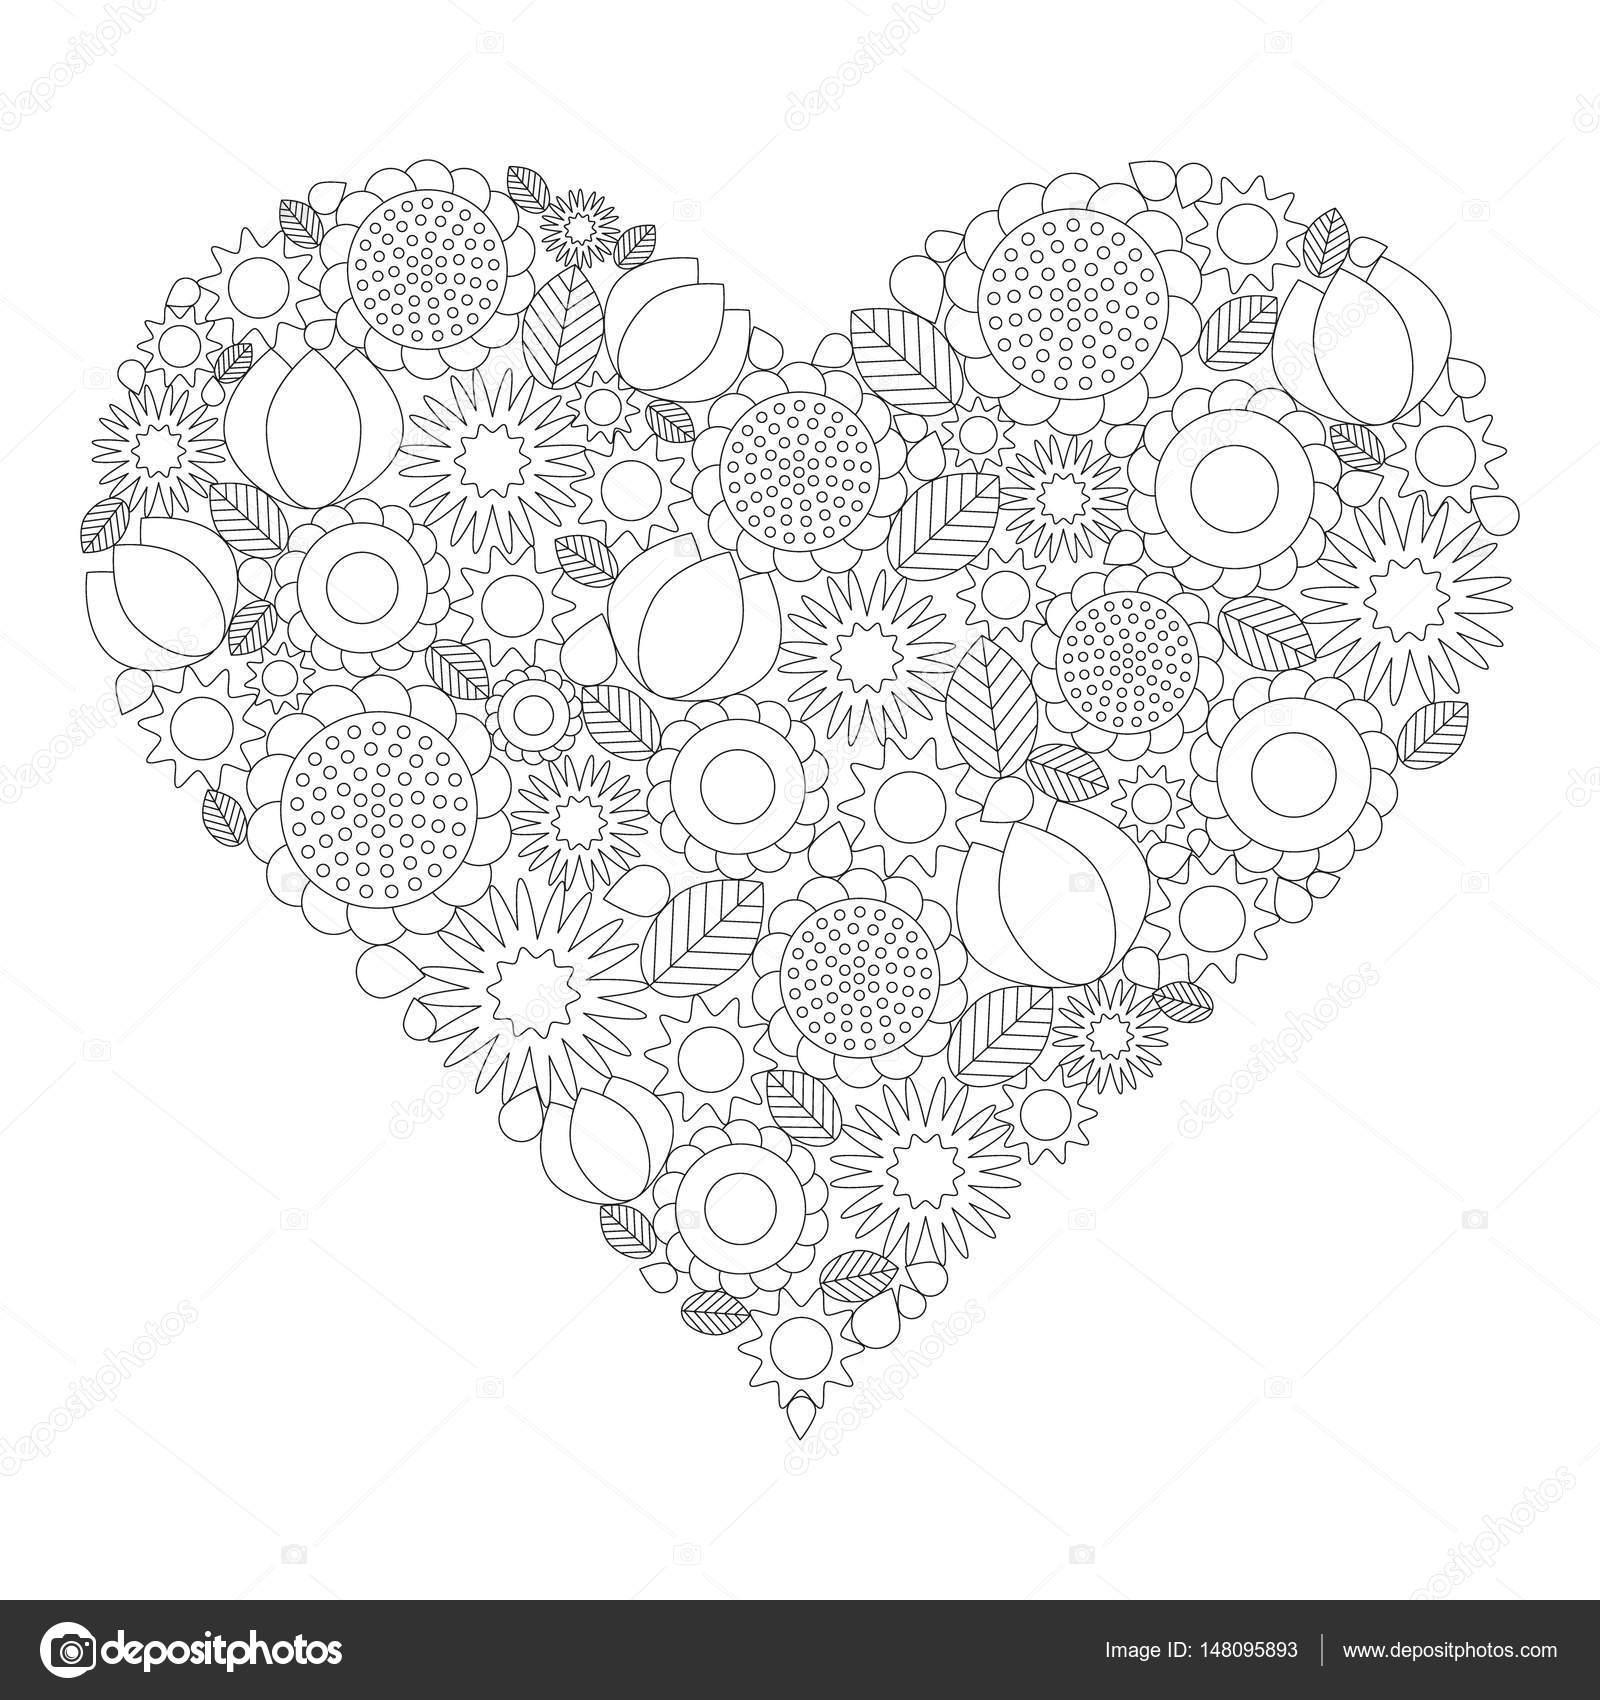 Yetişkin Kitap Sayfa Vektör Siyah Beyaz Kontur Resim çiçek